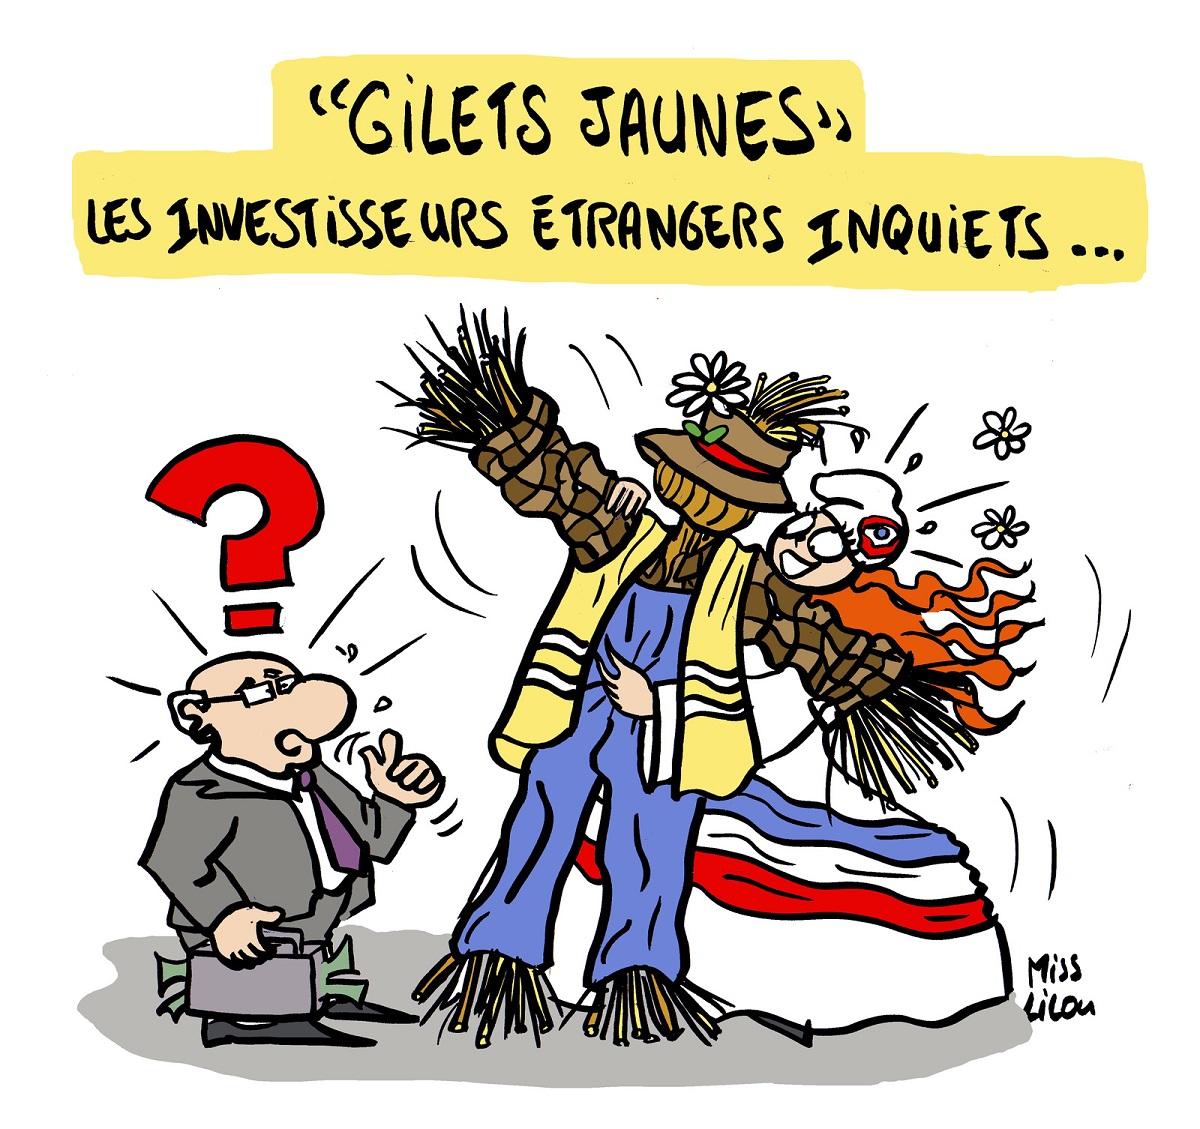 dessin d'actualité humoristique sur les investisseurs étrangers confrontés au mouvement des gilets jaunes